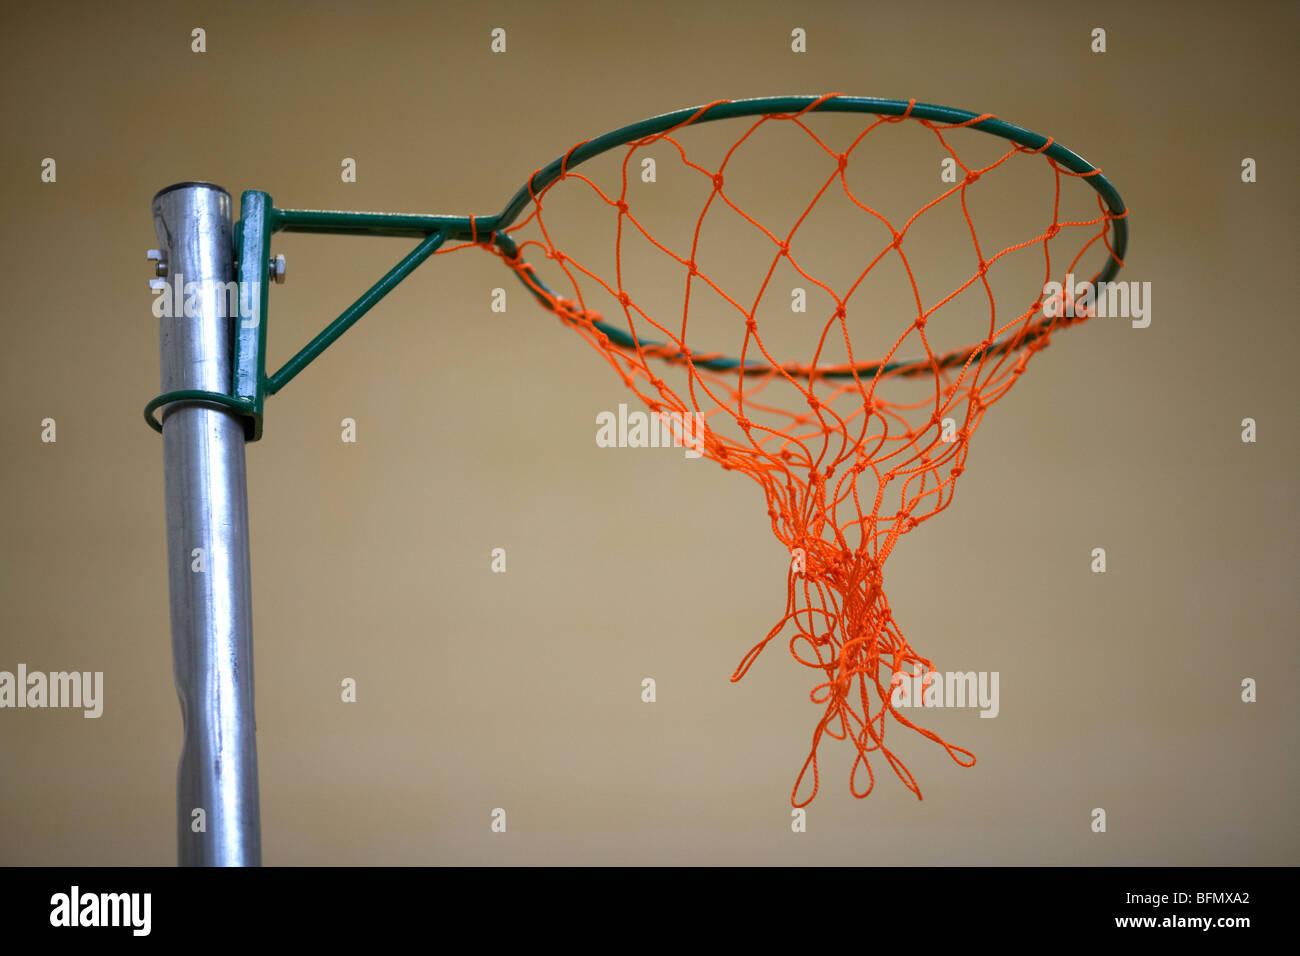 Net netball dans une école de sport sports hall selective focus Photo Stock